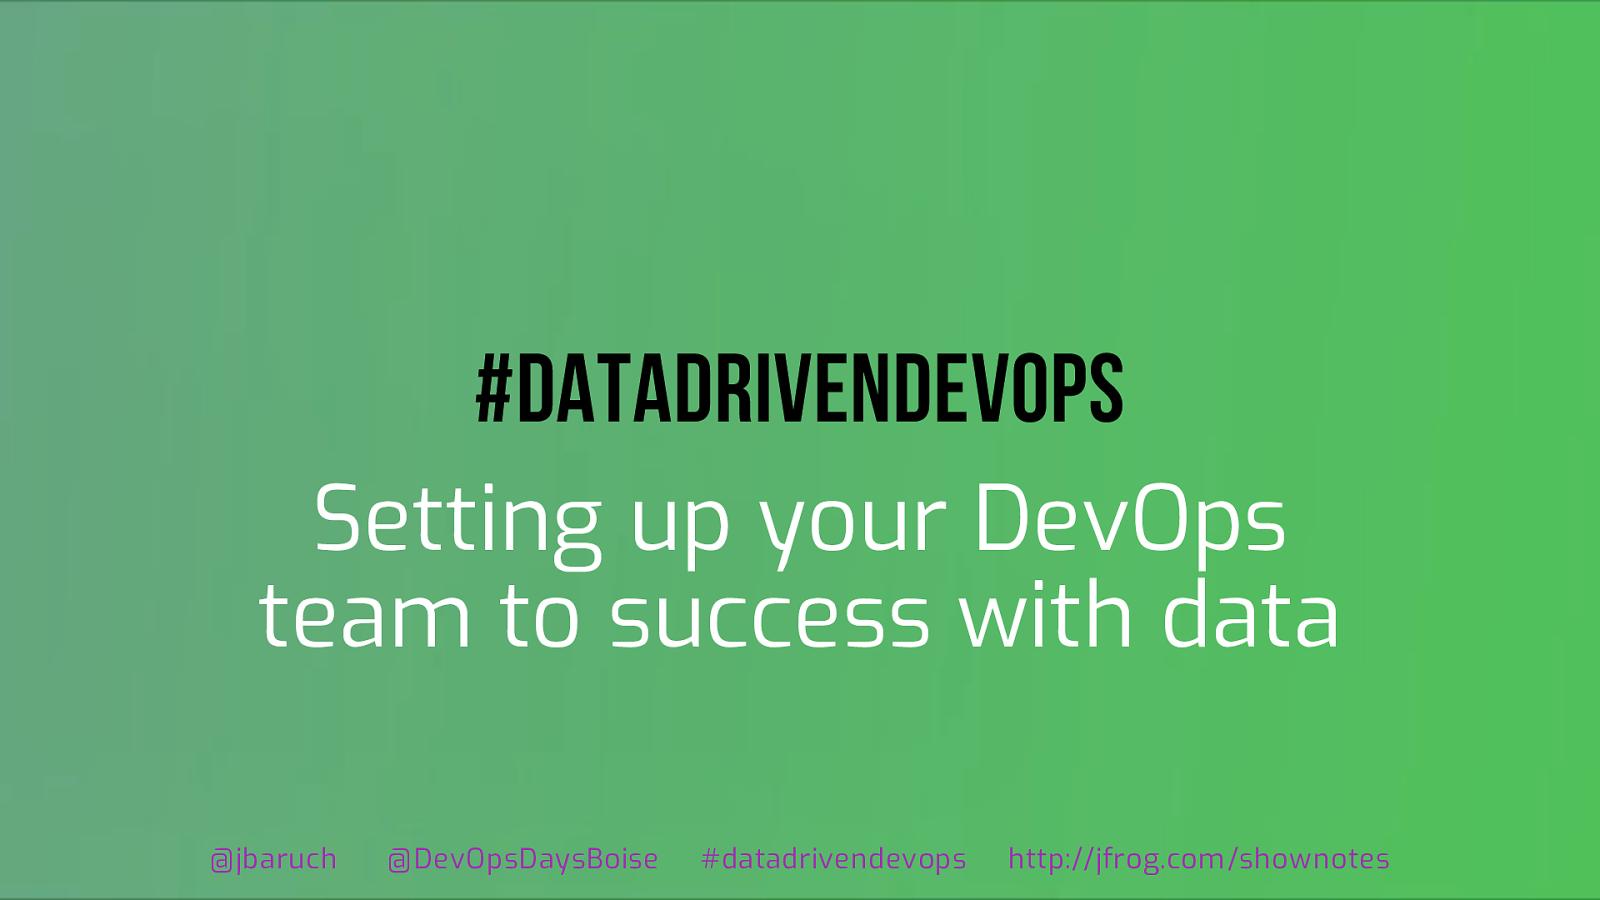 #DataDrivenDevOps